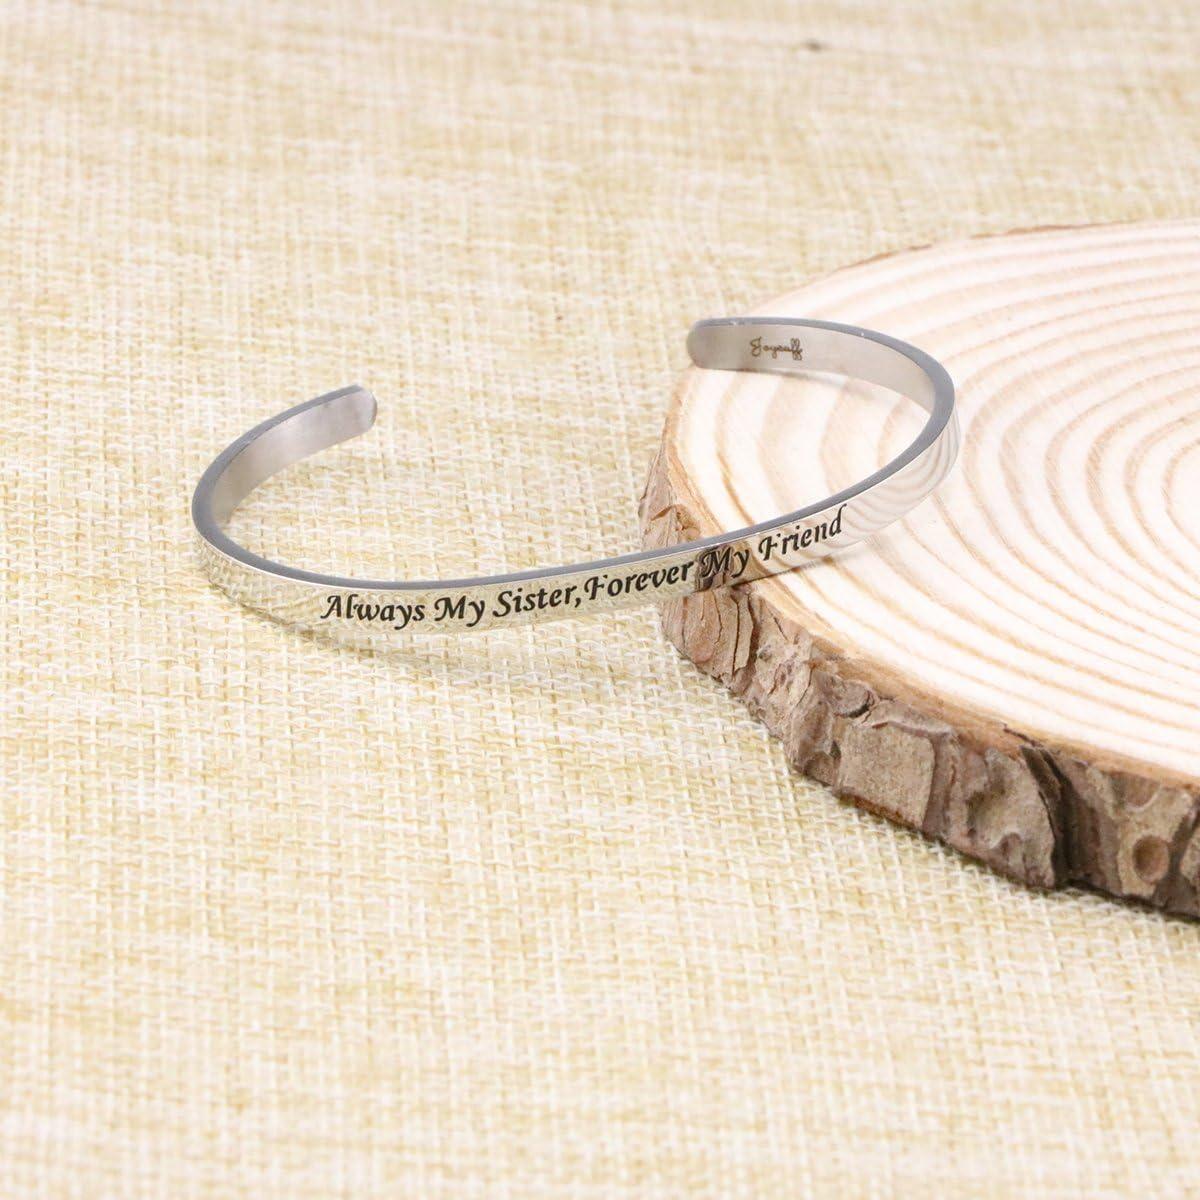 Joycuff Cuff Bracelets Always My Sister Forver My Friend Inspirational Friendship Jewelry Gift Girls